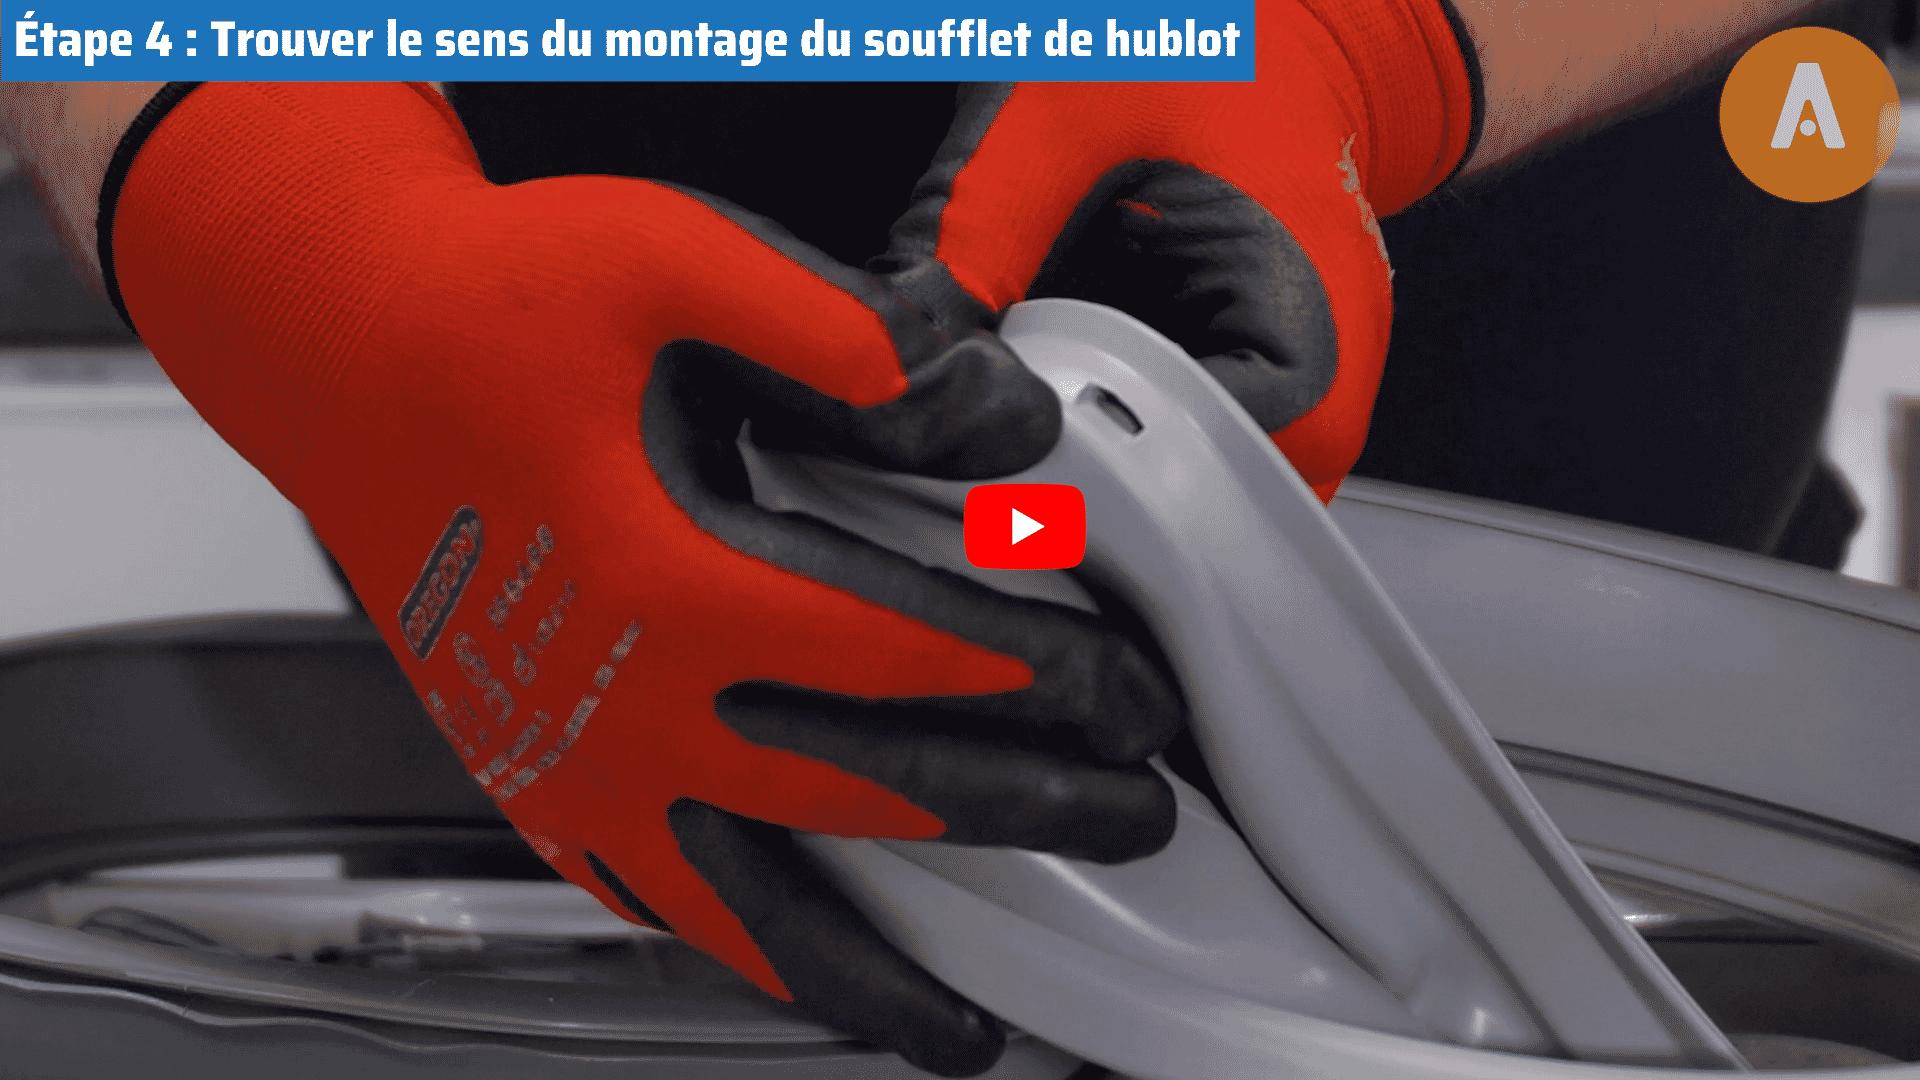 Tutoriel vidéo : comment changer le joint de porte de ma machine à laver ?